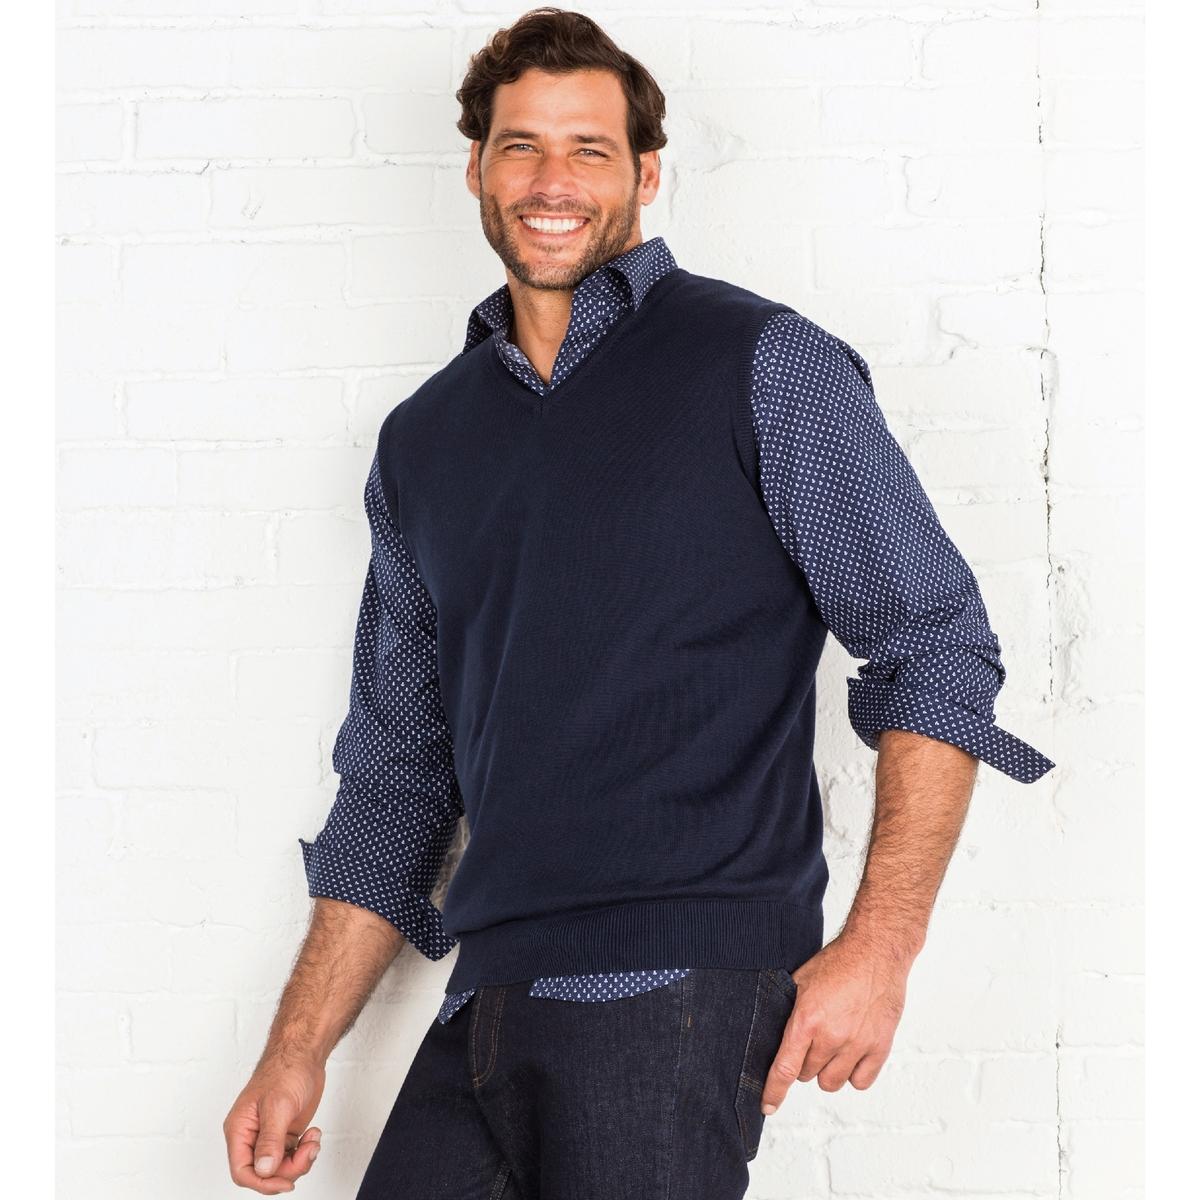 Пуловер без рукавов с V-образным вырезомПуловер без рукавов. V-образный вырез. Края выреза, низа и проймы рукавов связаны в рубчик. Трикотаж, 100% хлопок. Длина 72 см.<br><br>Цвет: темно-синий